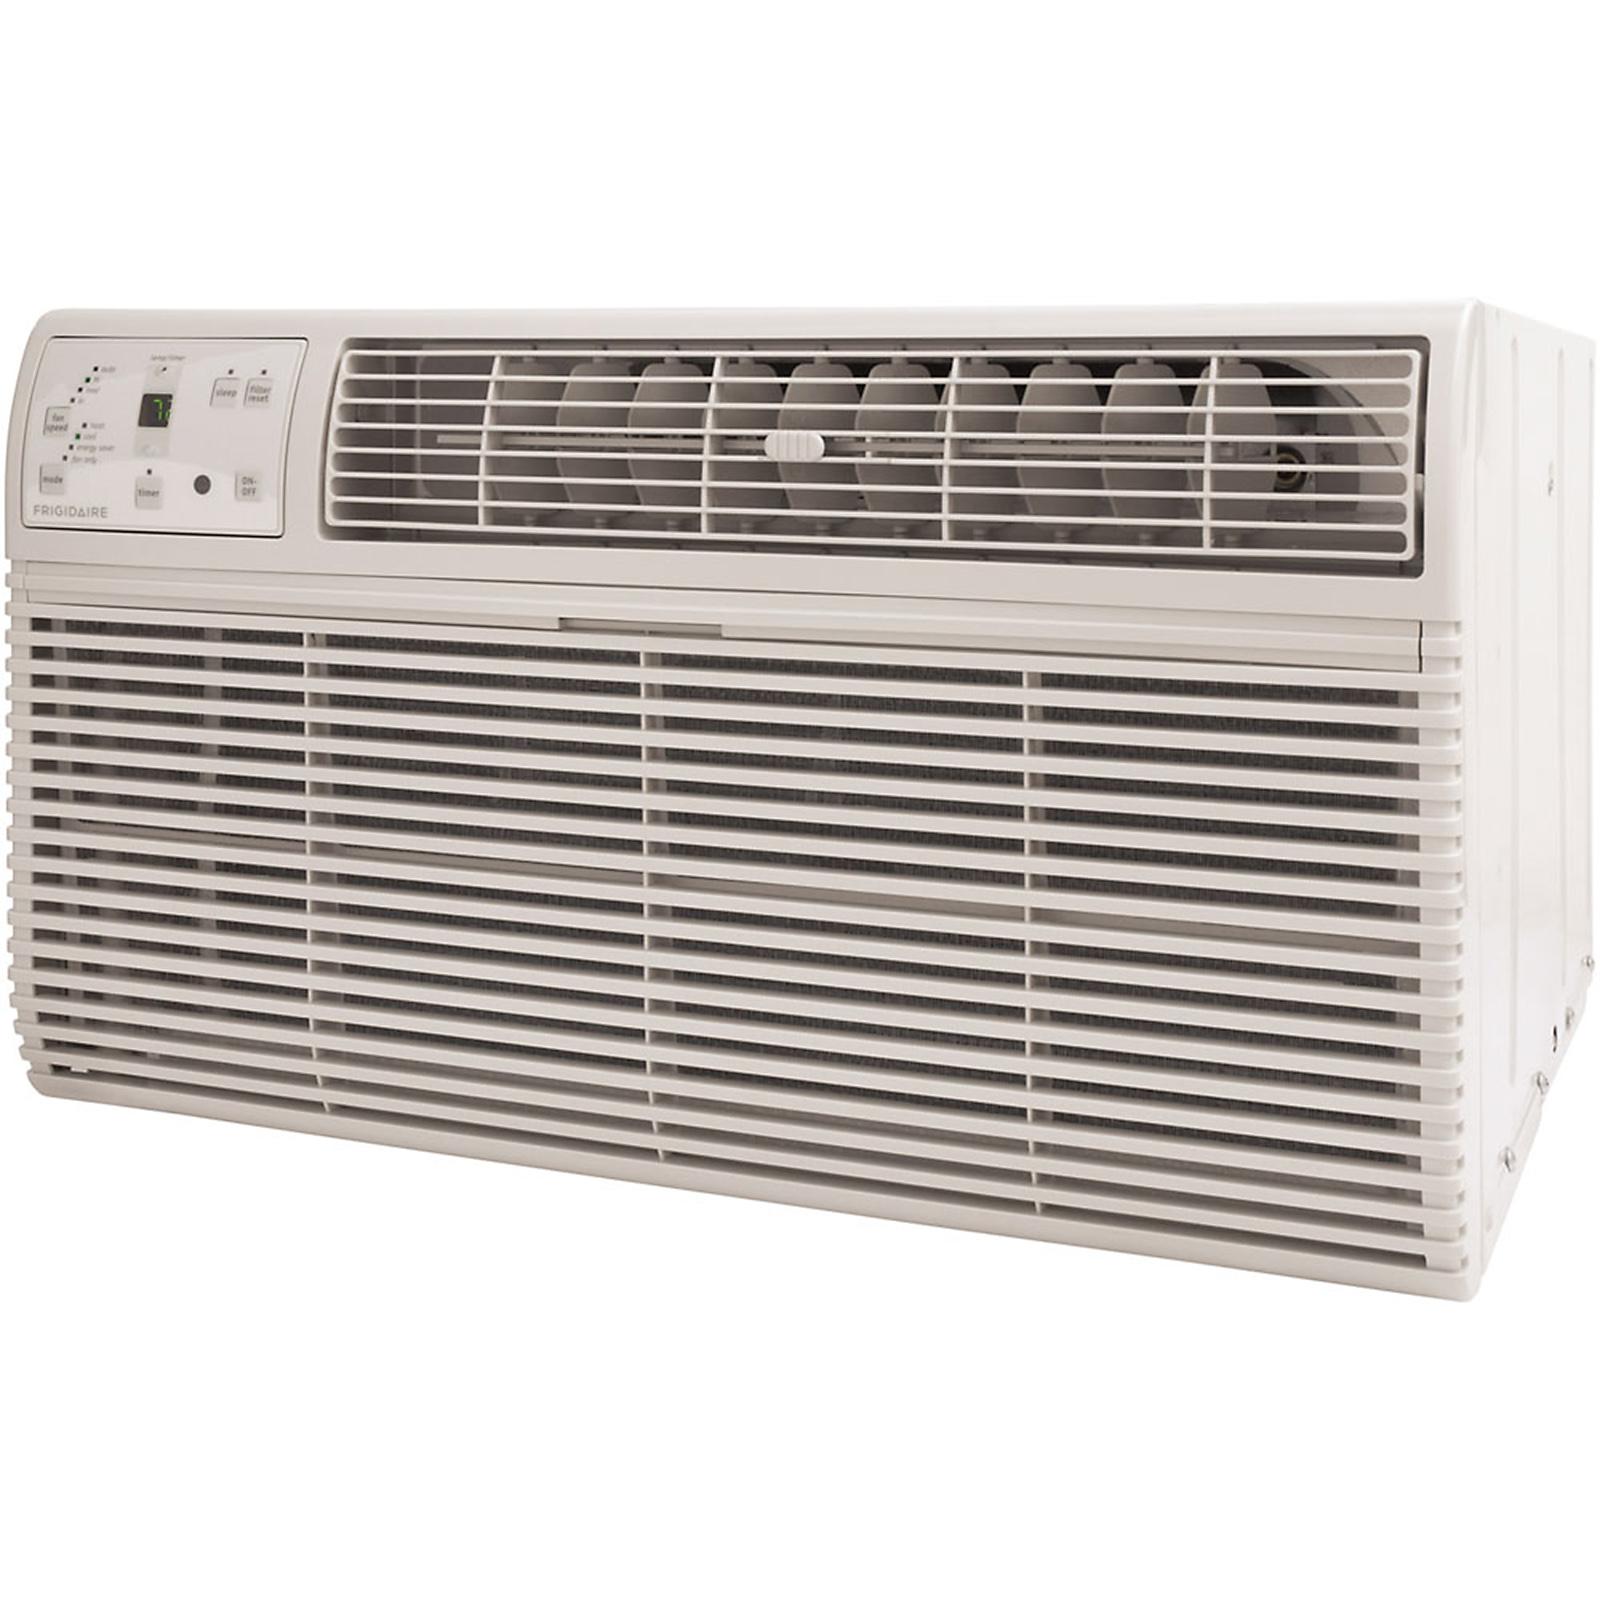 Frigidaire 10,000 BTU 230-Volt Through-the-Wall Air Conditioner with 10,600 BTU Supplemental Heat